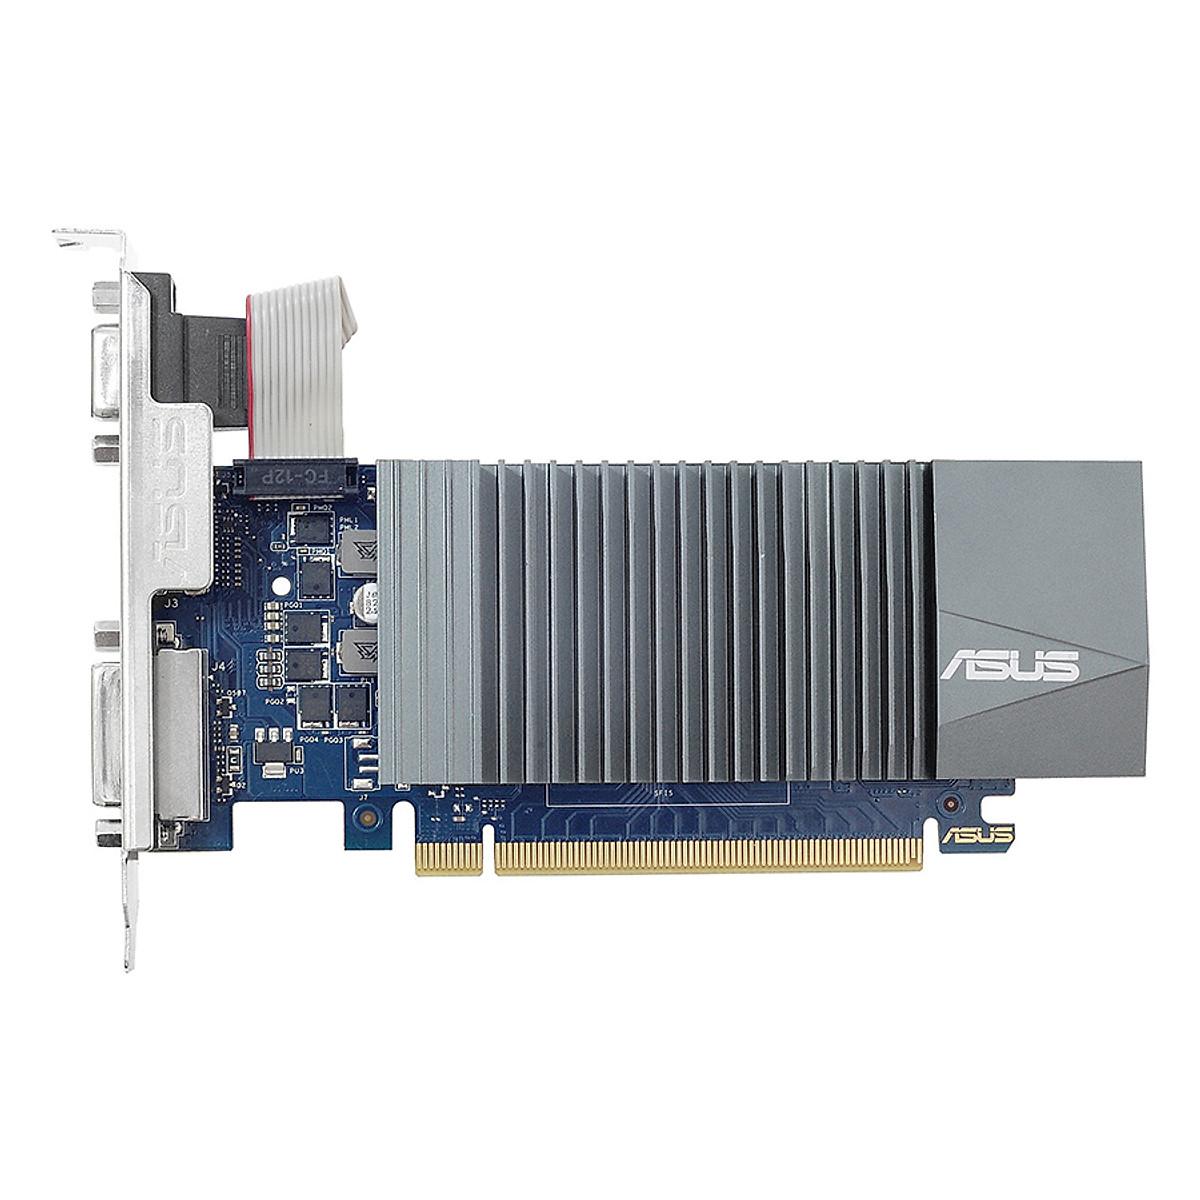 Card Màn Hình VGA ASUS ASUS GT710-SL-1GD5-BRK GDDR5 1GB 32-bit – Hàng Chính Hãng